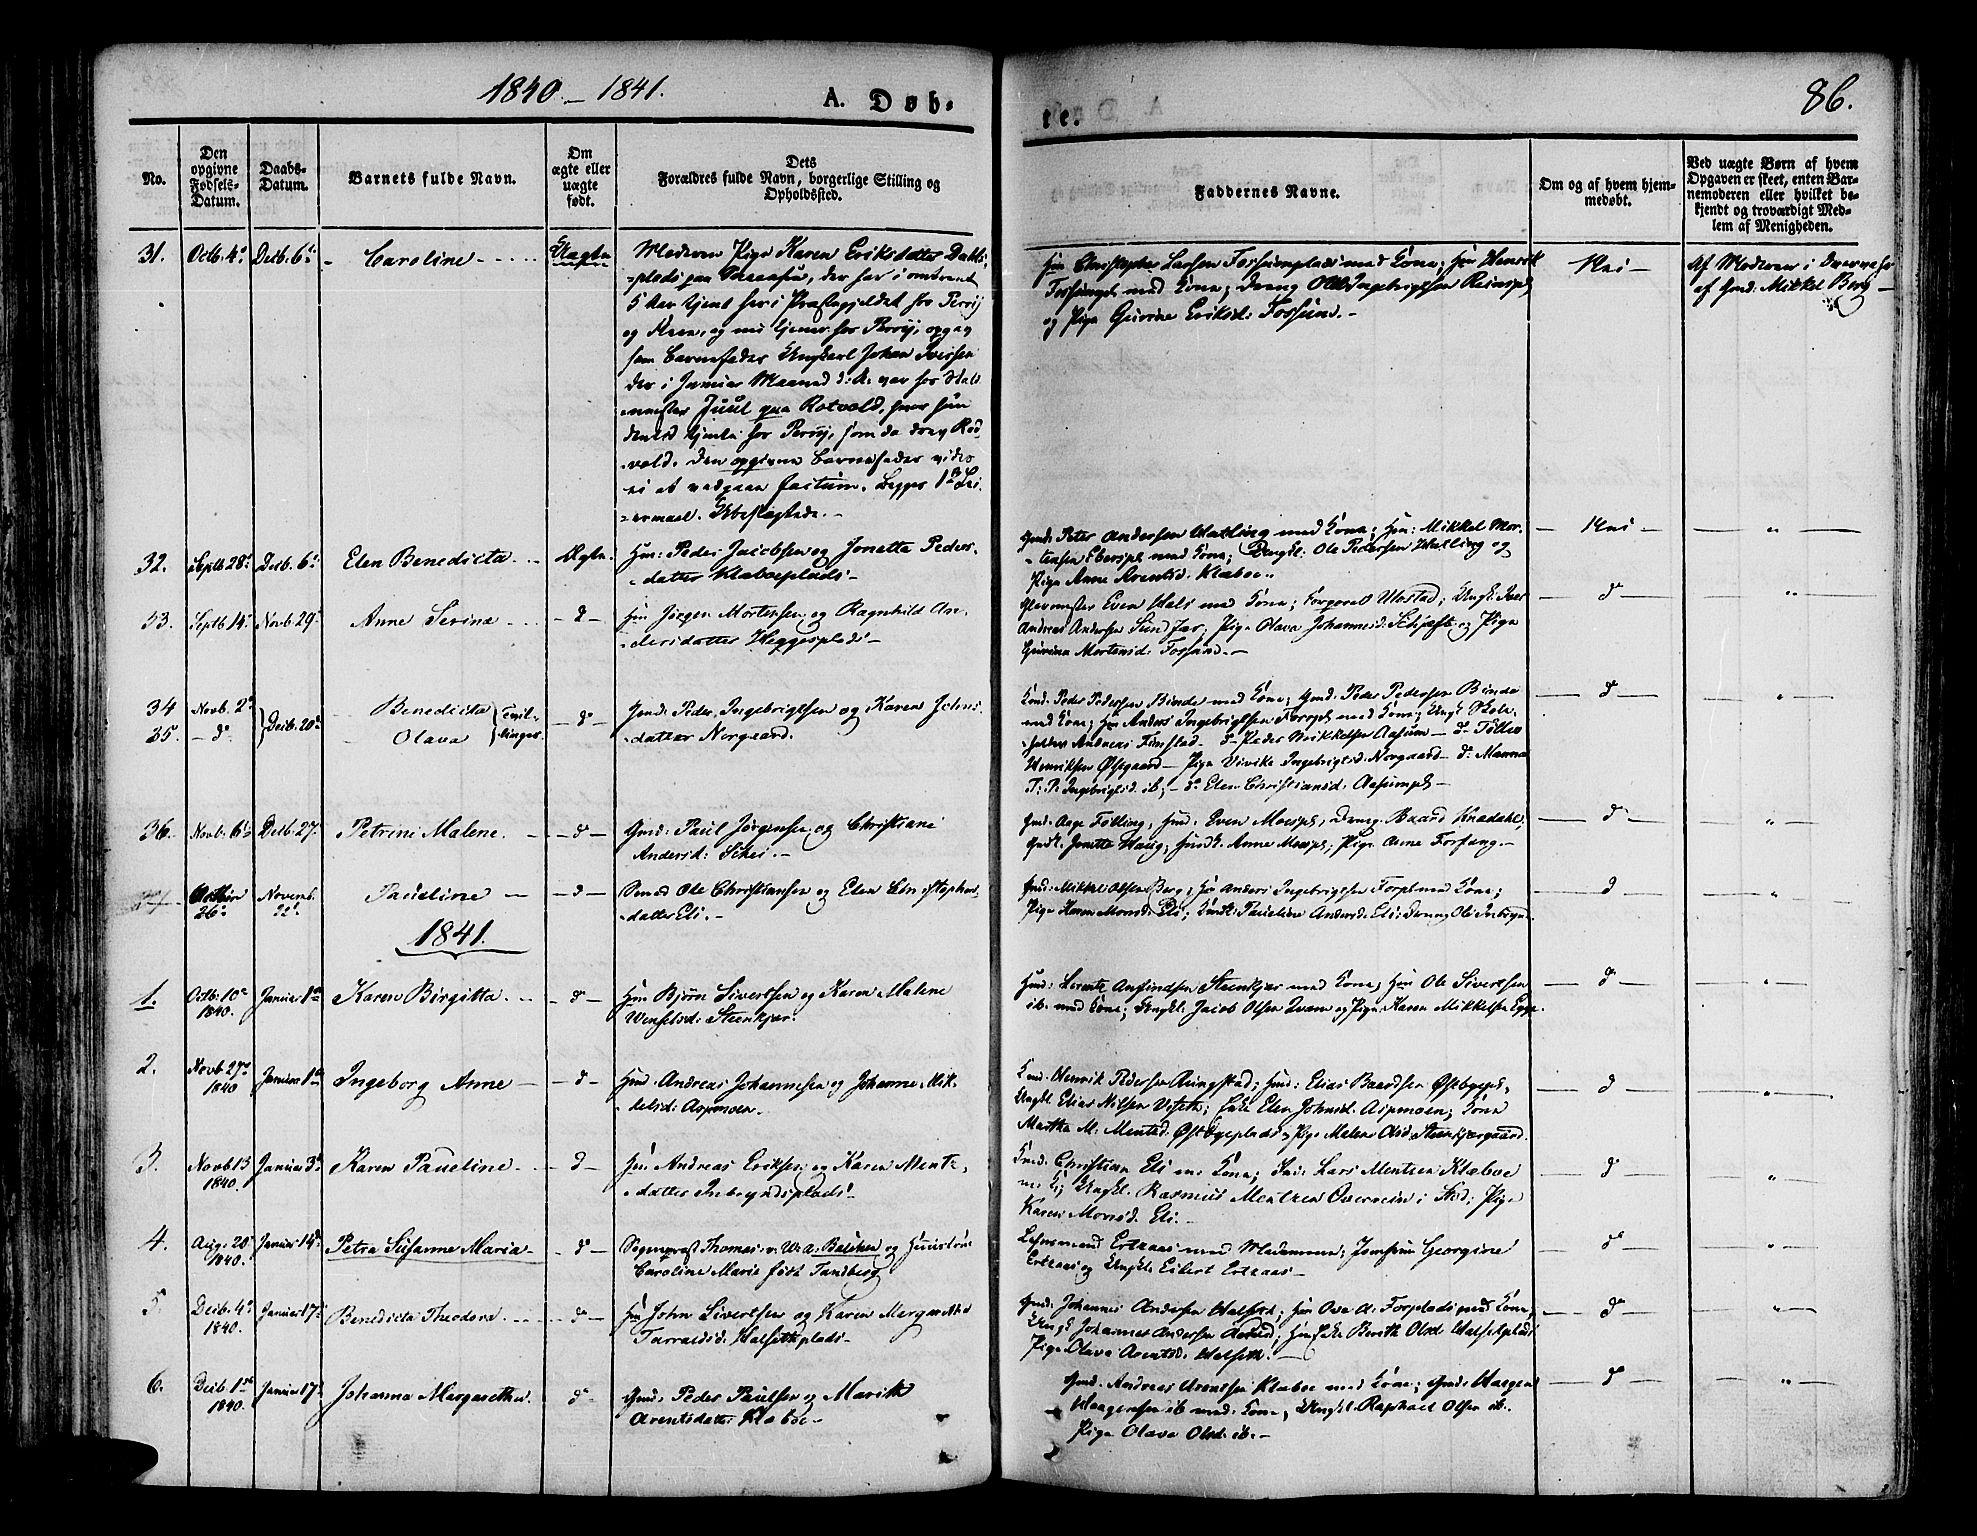 SAT, Ministerialprotokoller, klokkerbøker og fødselsregistre - Nord-Trøndelag, 746/L0445: Ministerialbok nr. 746A04, 1826-1846, s. 86